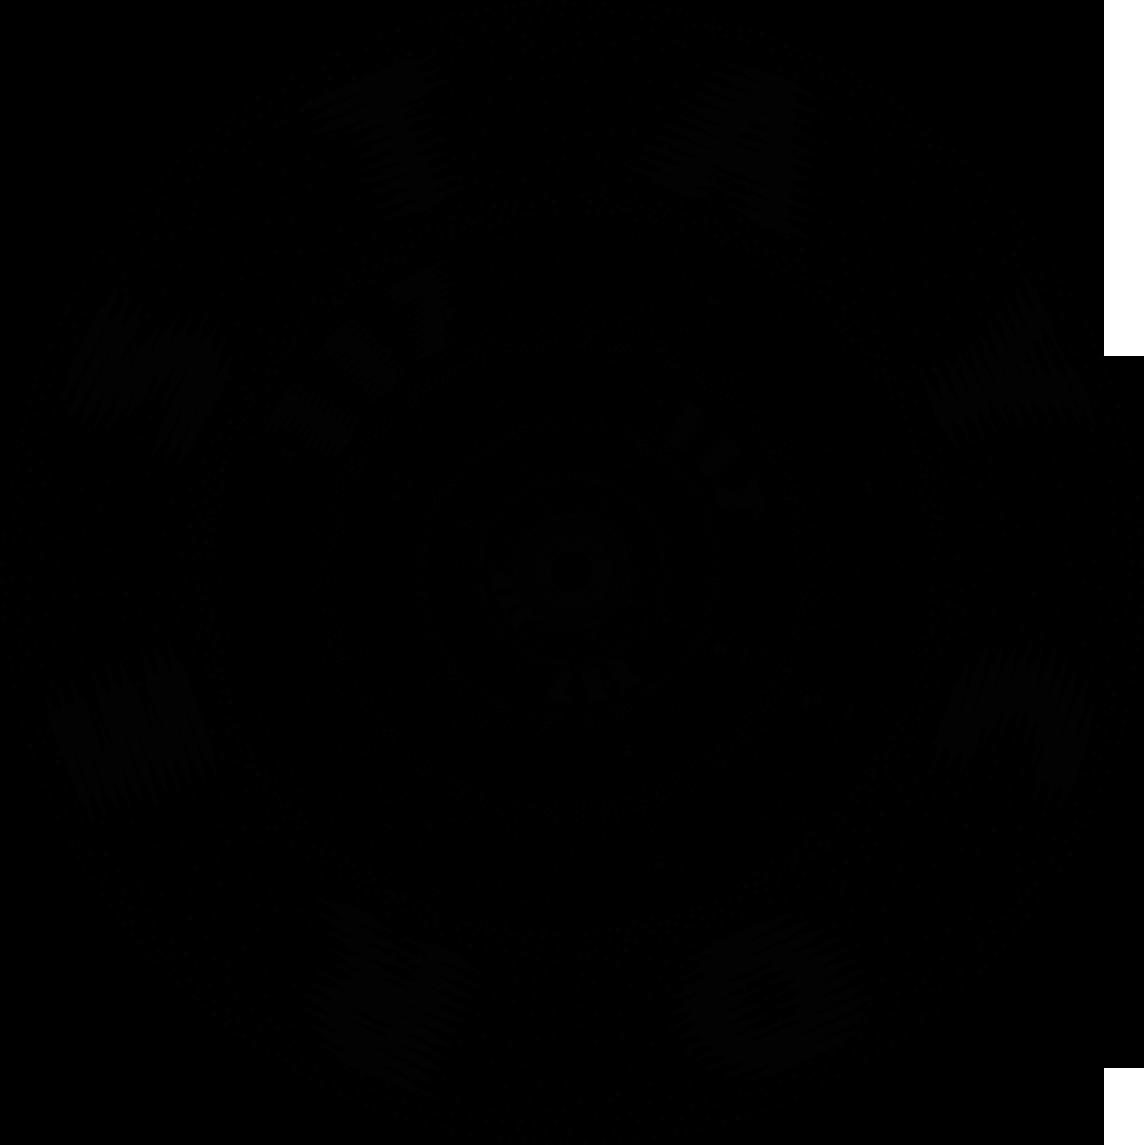 staycore logo